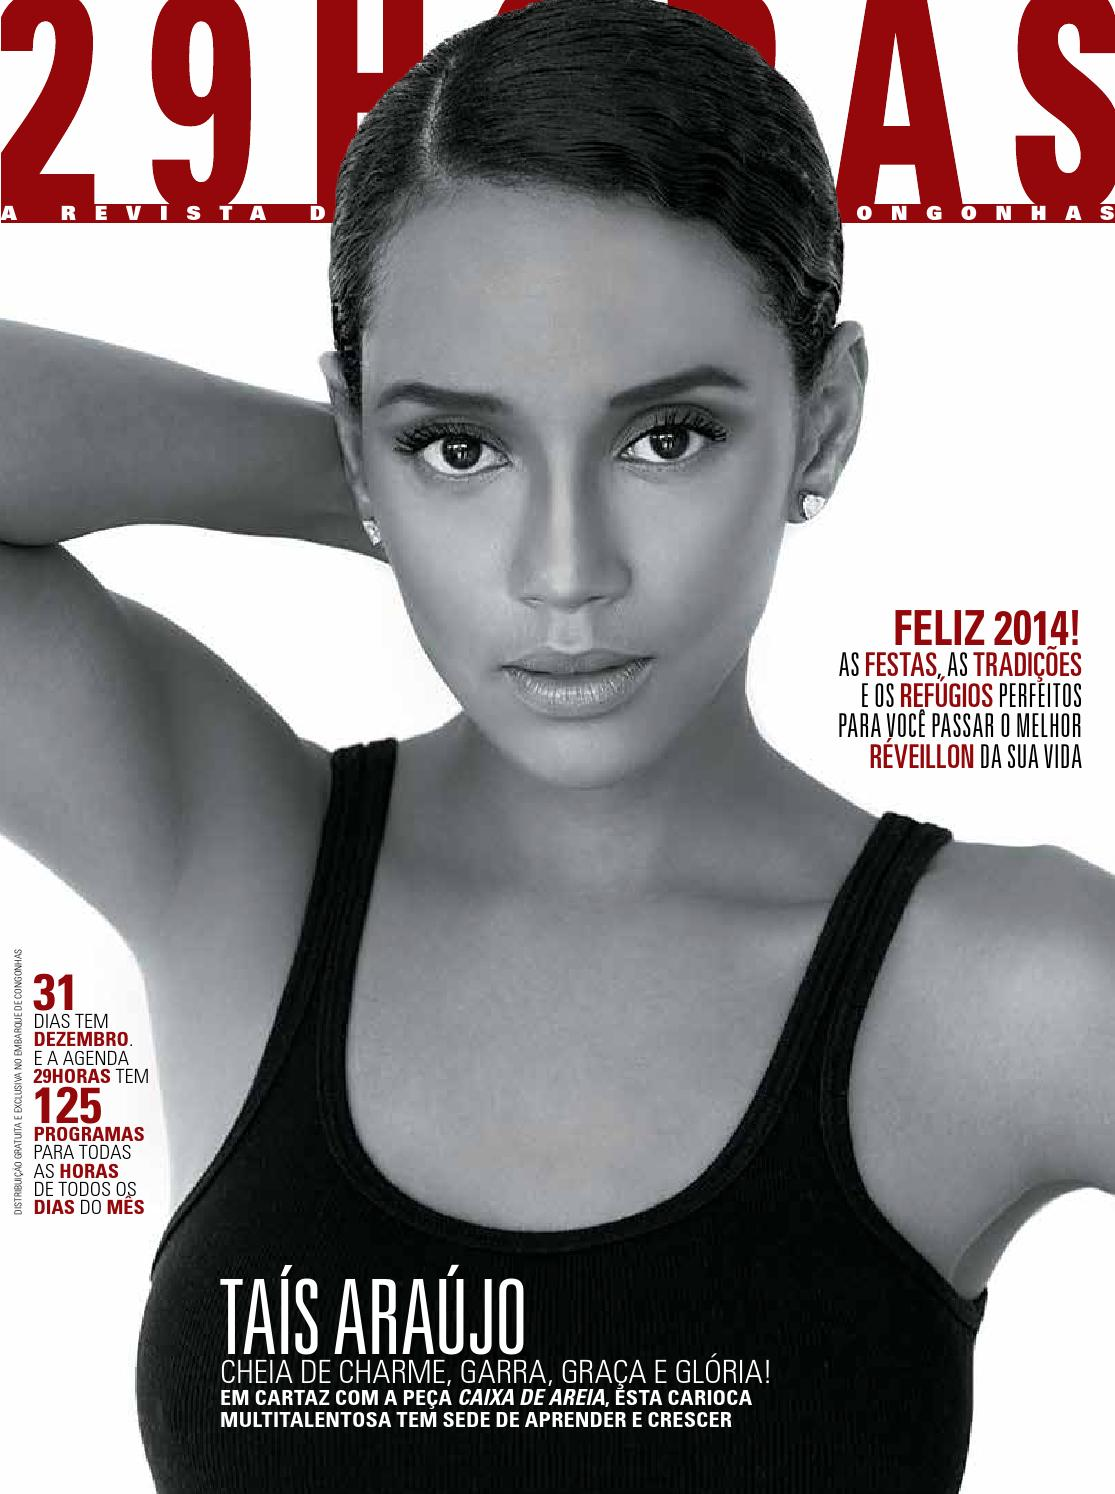 5f903e04e82 revista 29HORAS - ed. 50 - dezembro 2013 by 29HORAS - issuu